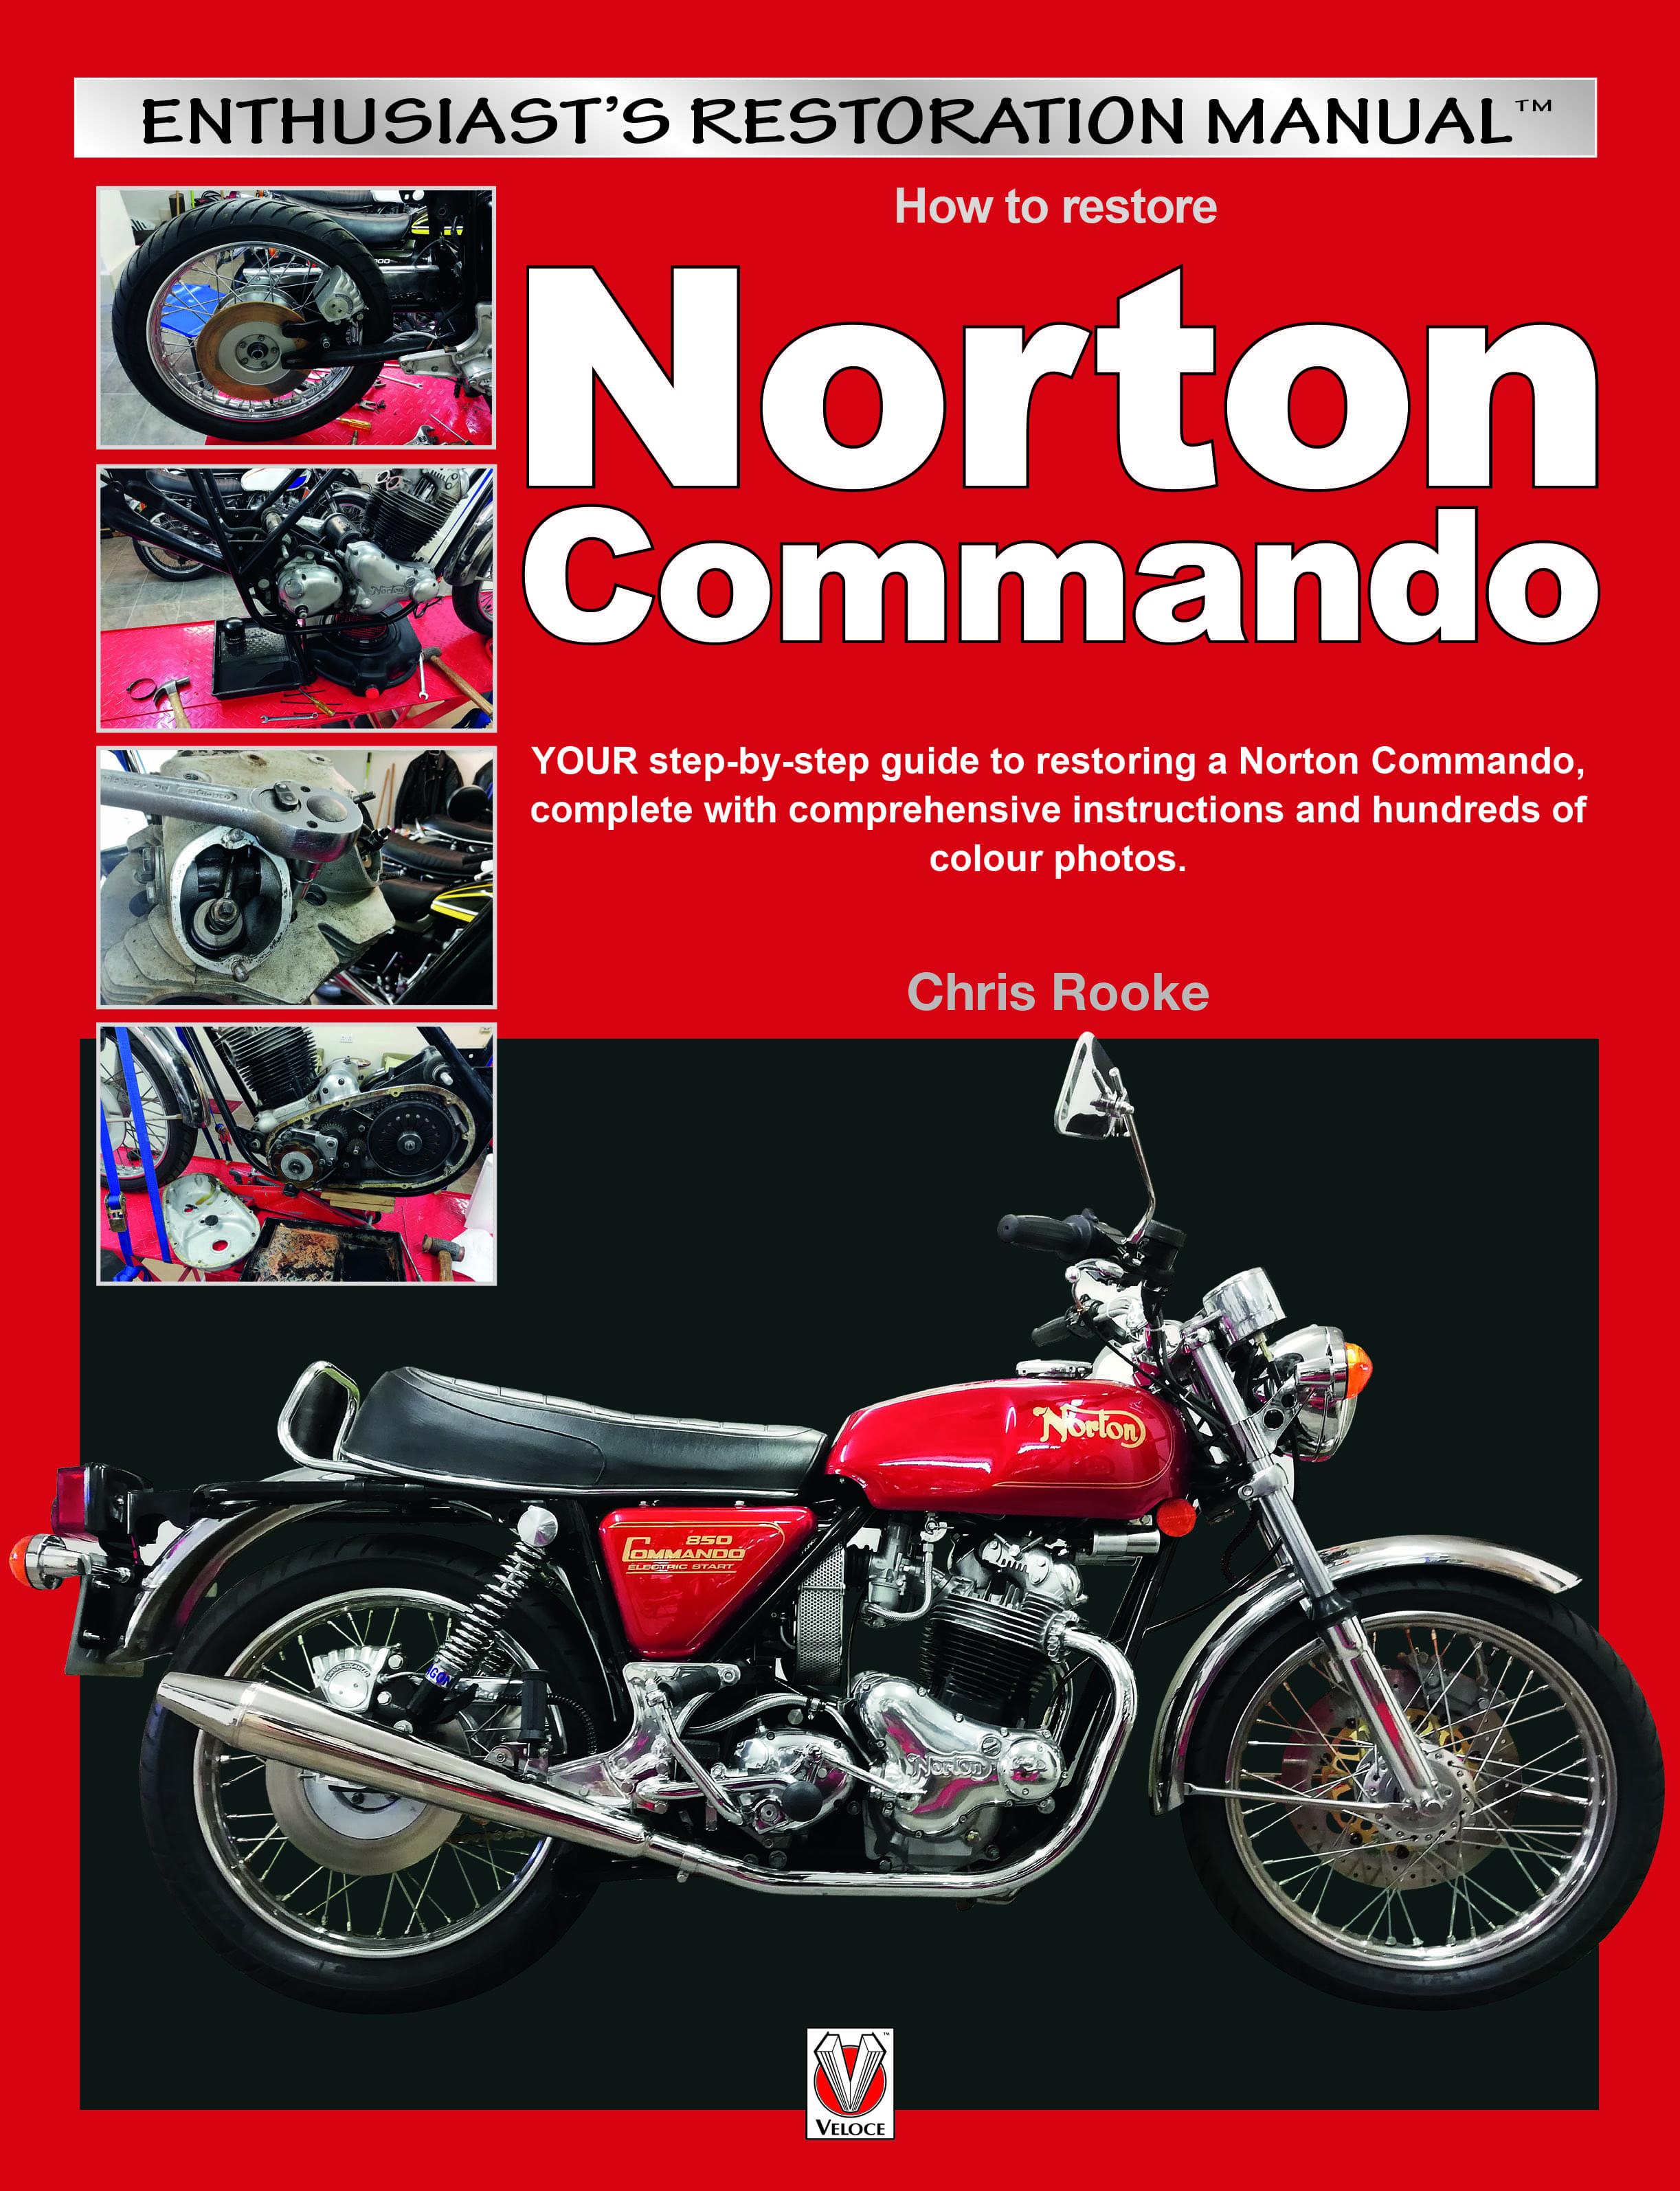 How to restore Norton Commando cover